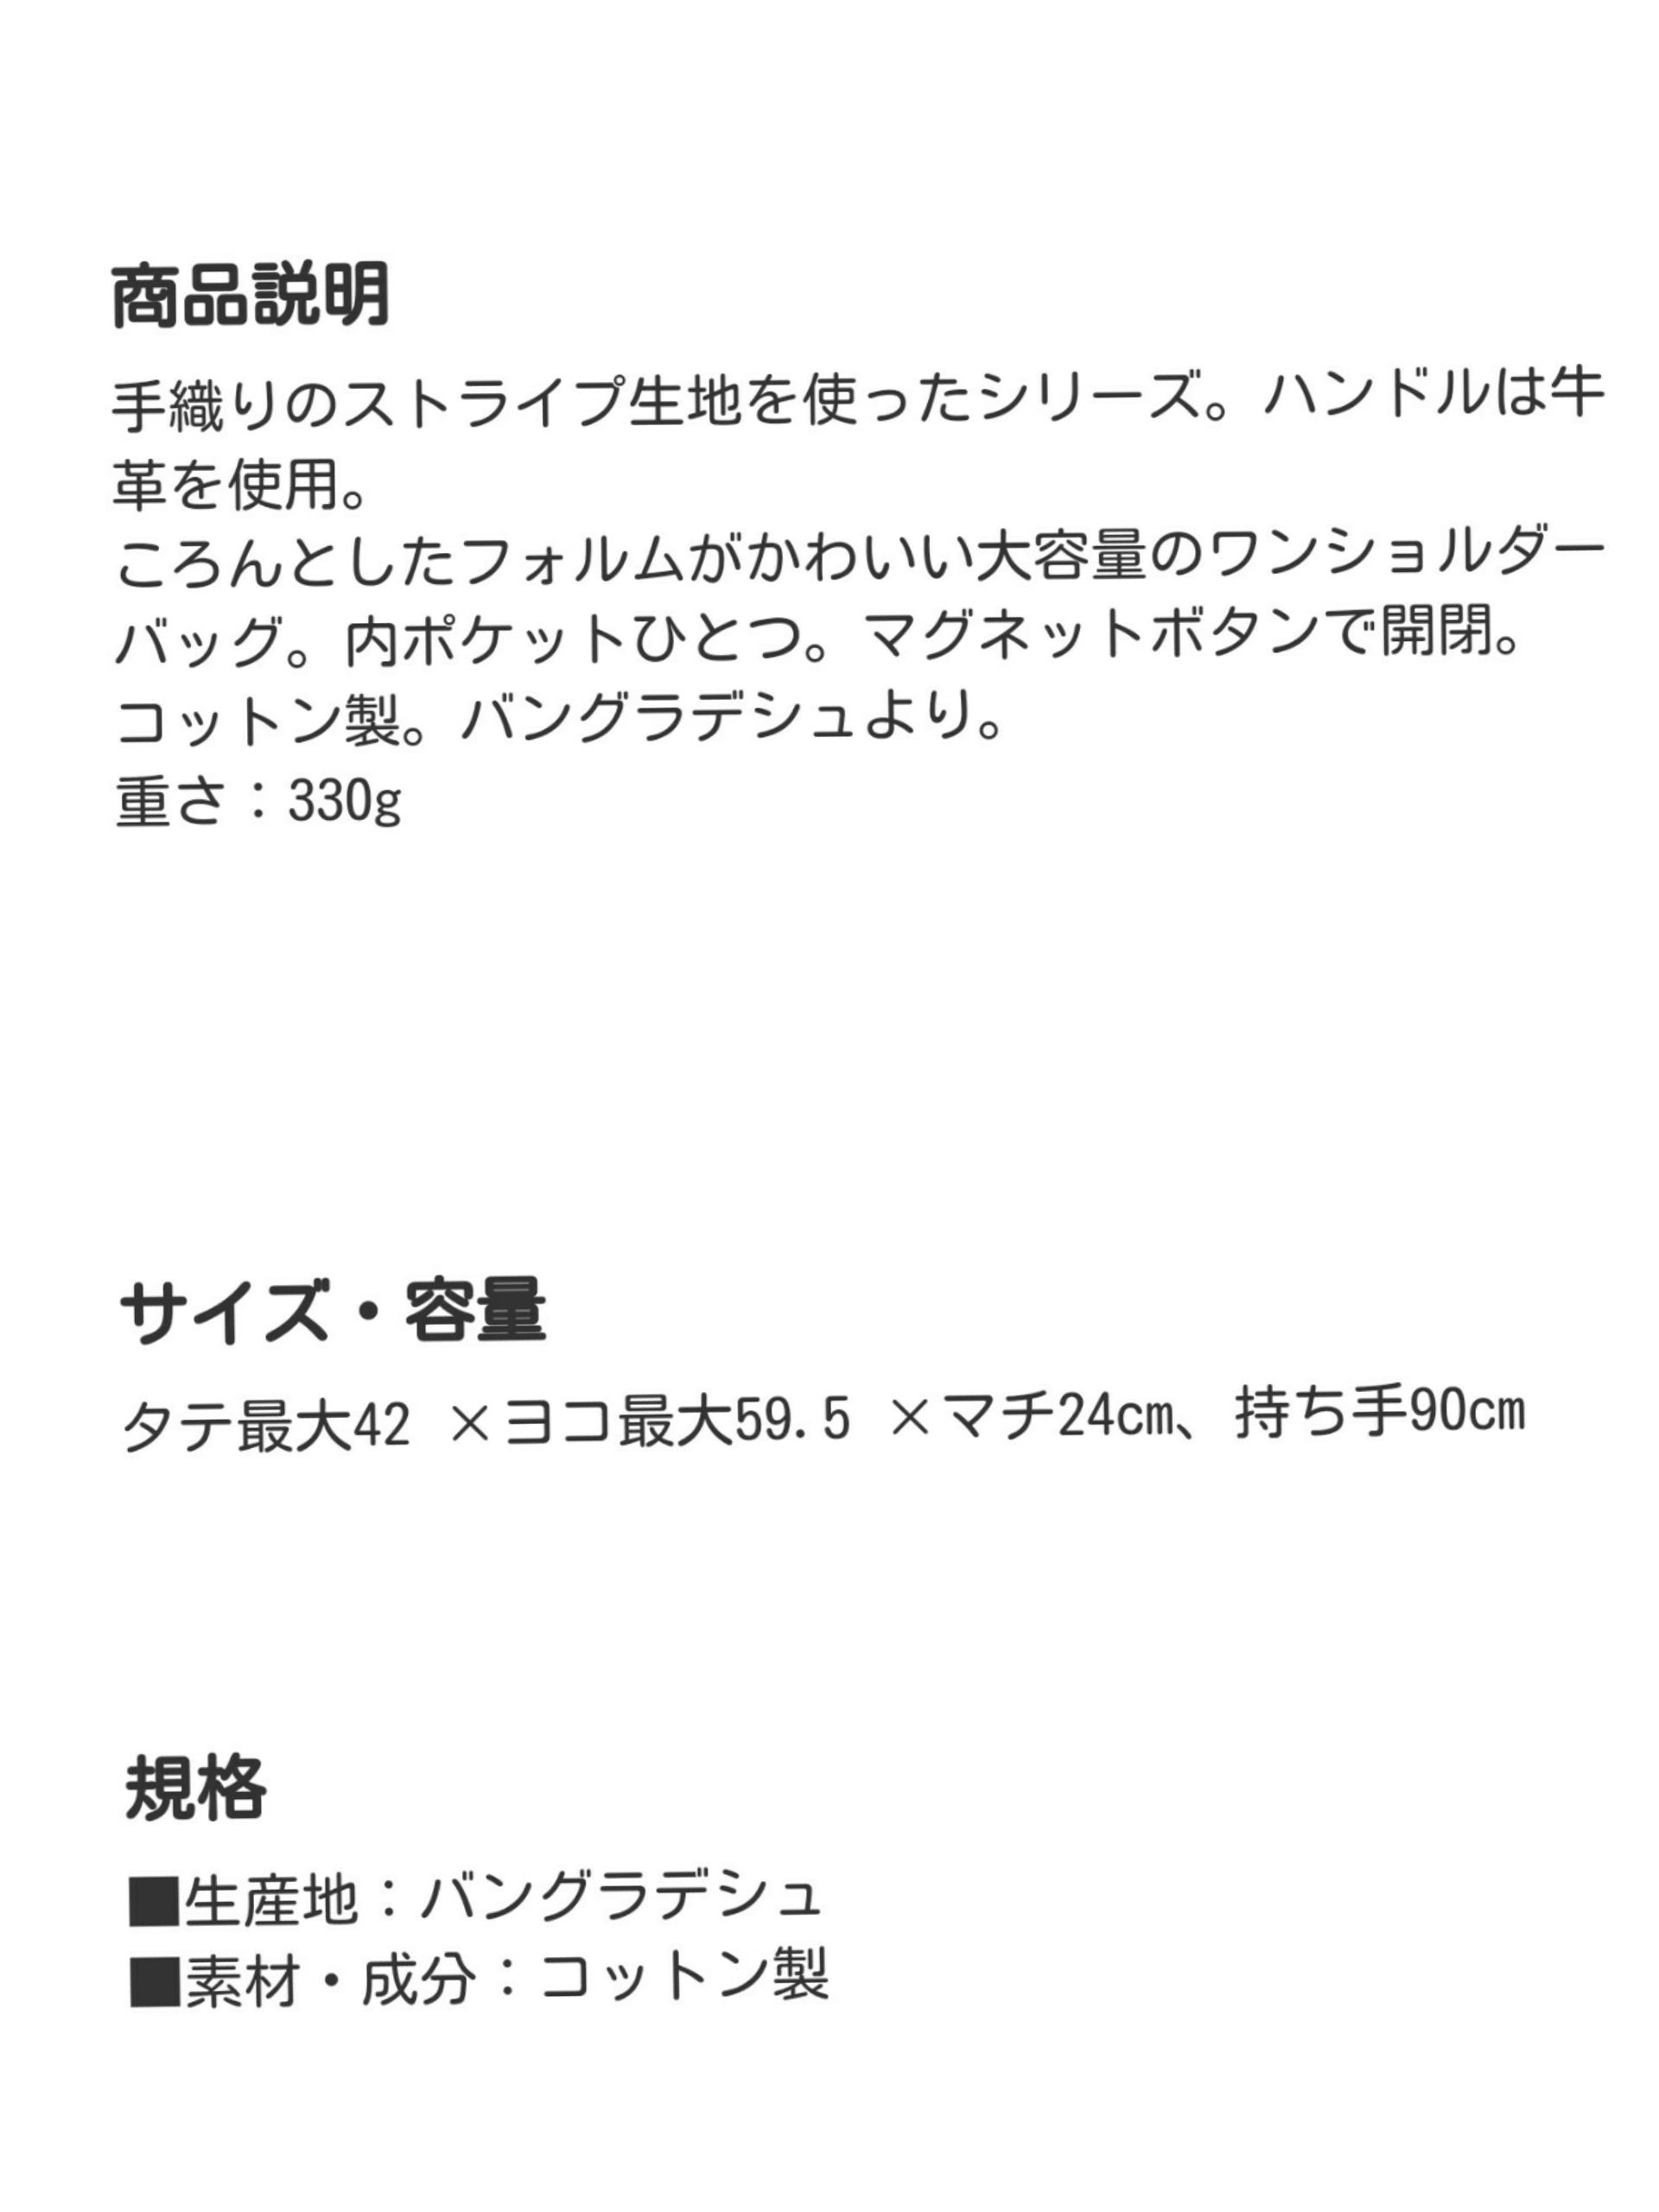 オーガニックコットンブラジャーなど入荷商品_f0255704_22013358.jpg